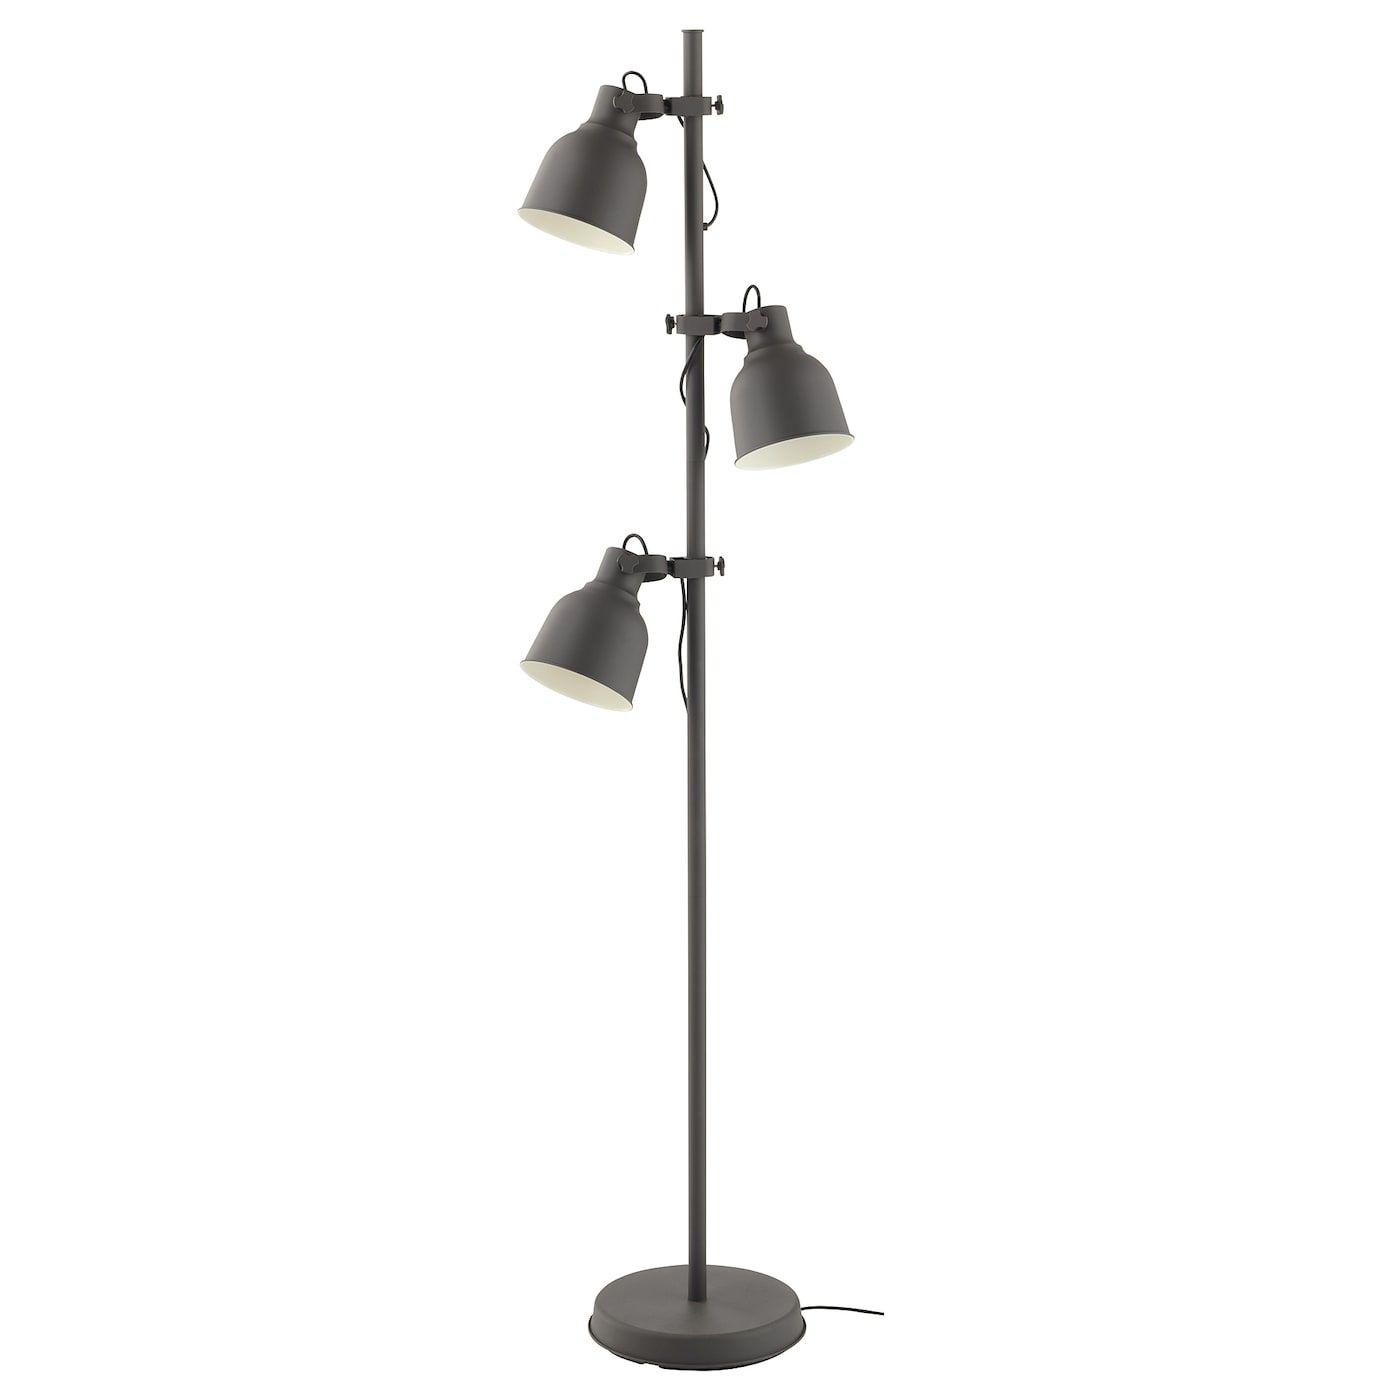 Hektar Lampadaire Avec 3 Spots Gris Fonce Ikea In 2020 Lamp Floor Lamp Floor Lamp Grey